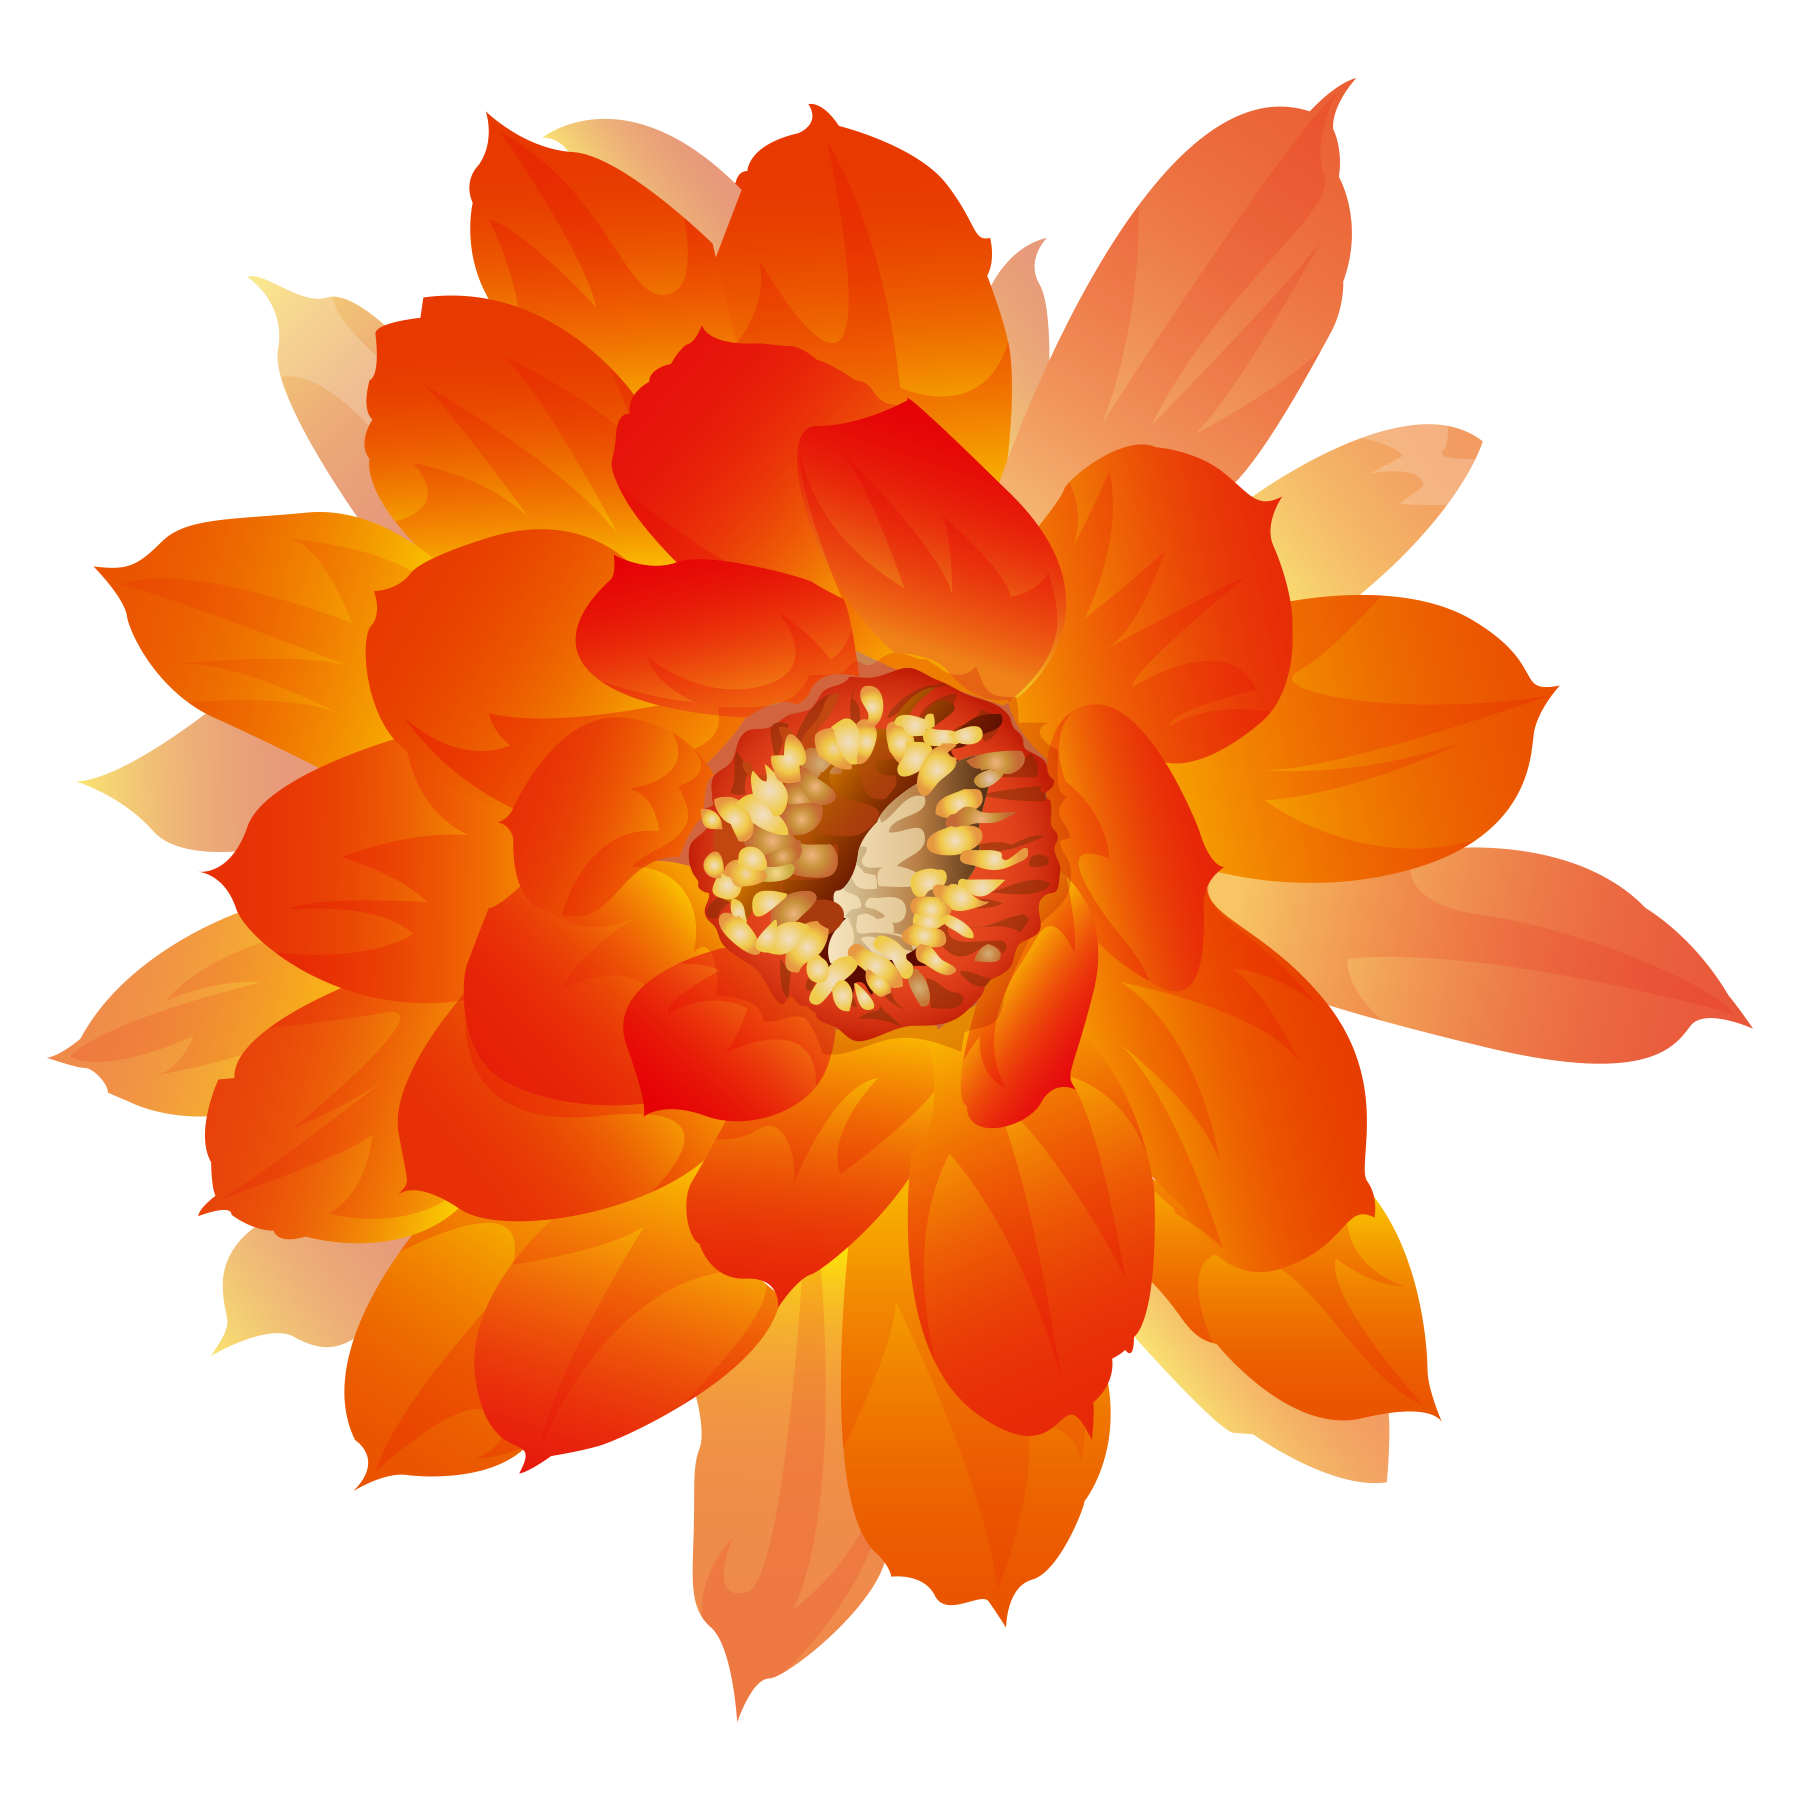 Png Orange Flowers Rose Flower Png Flower Png Images Orange Flowers